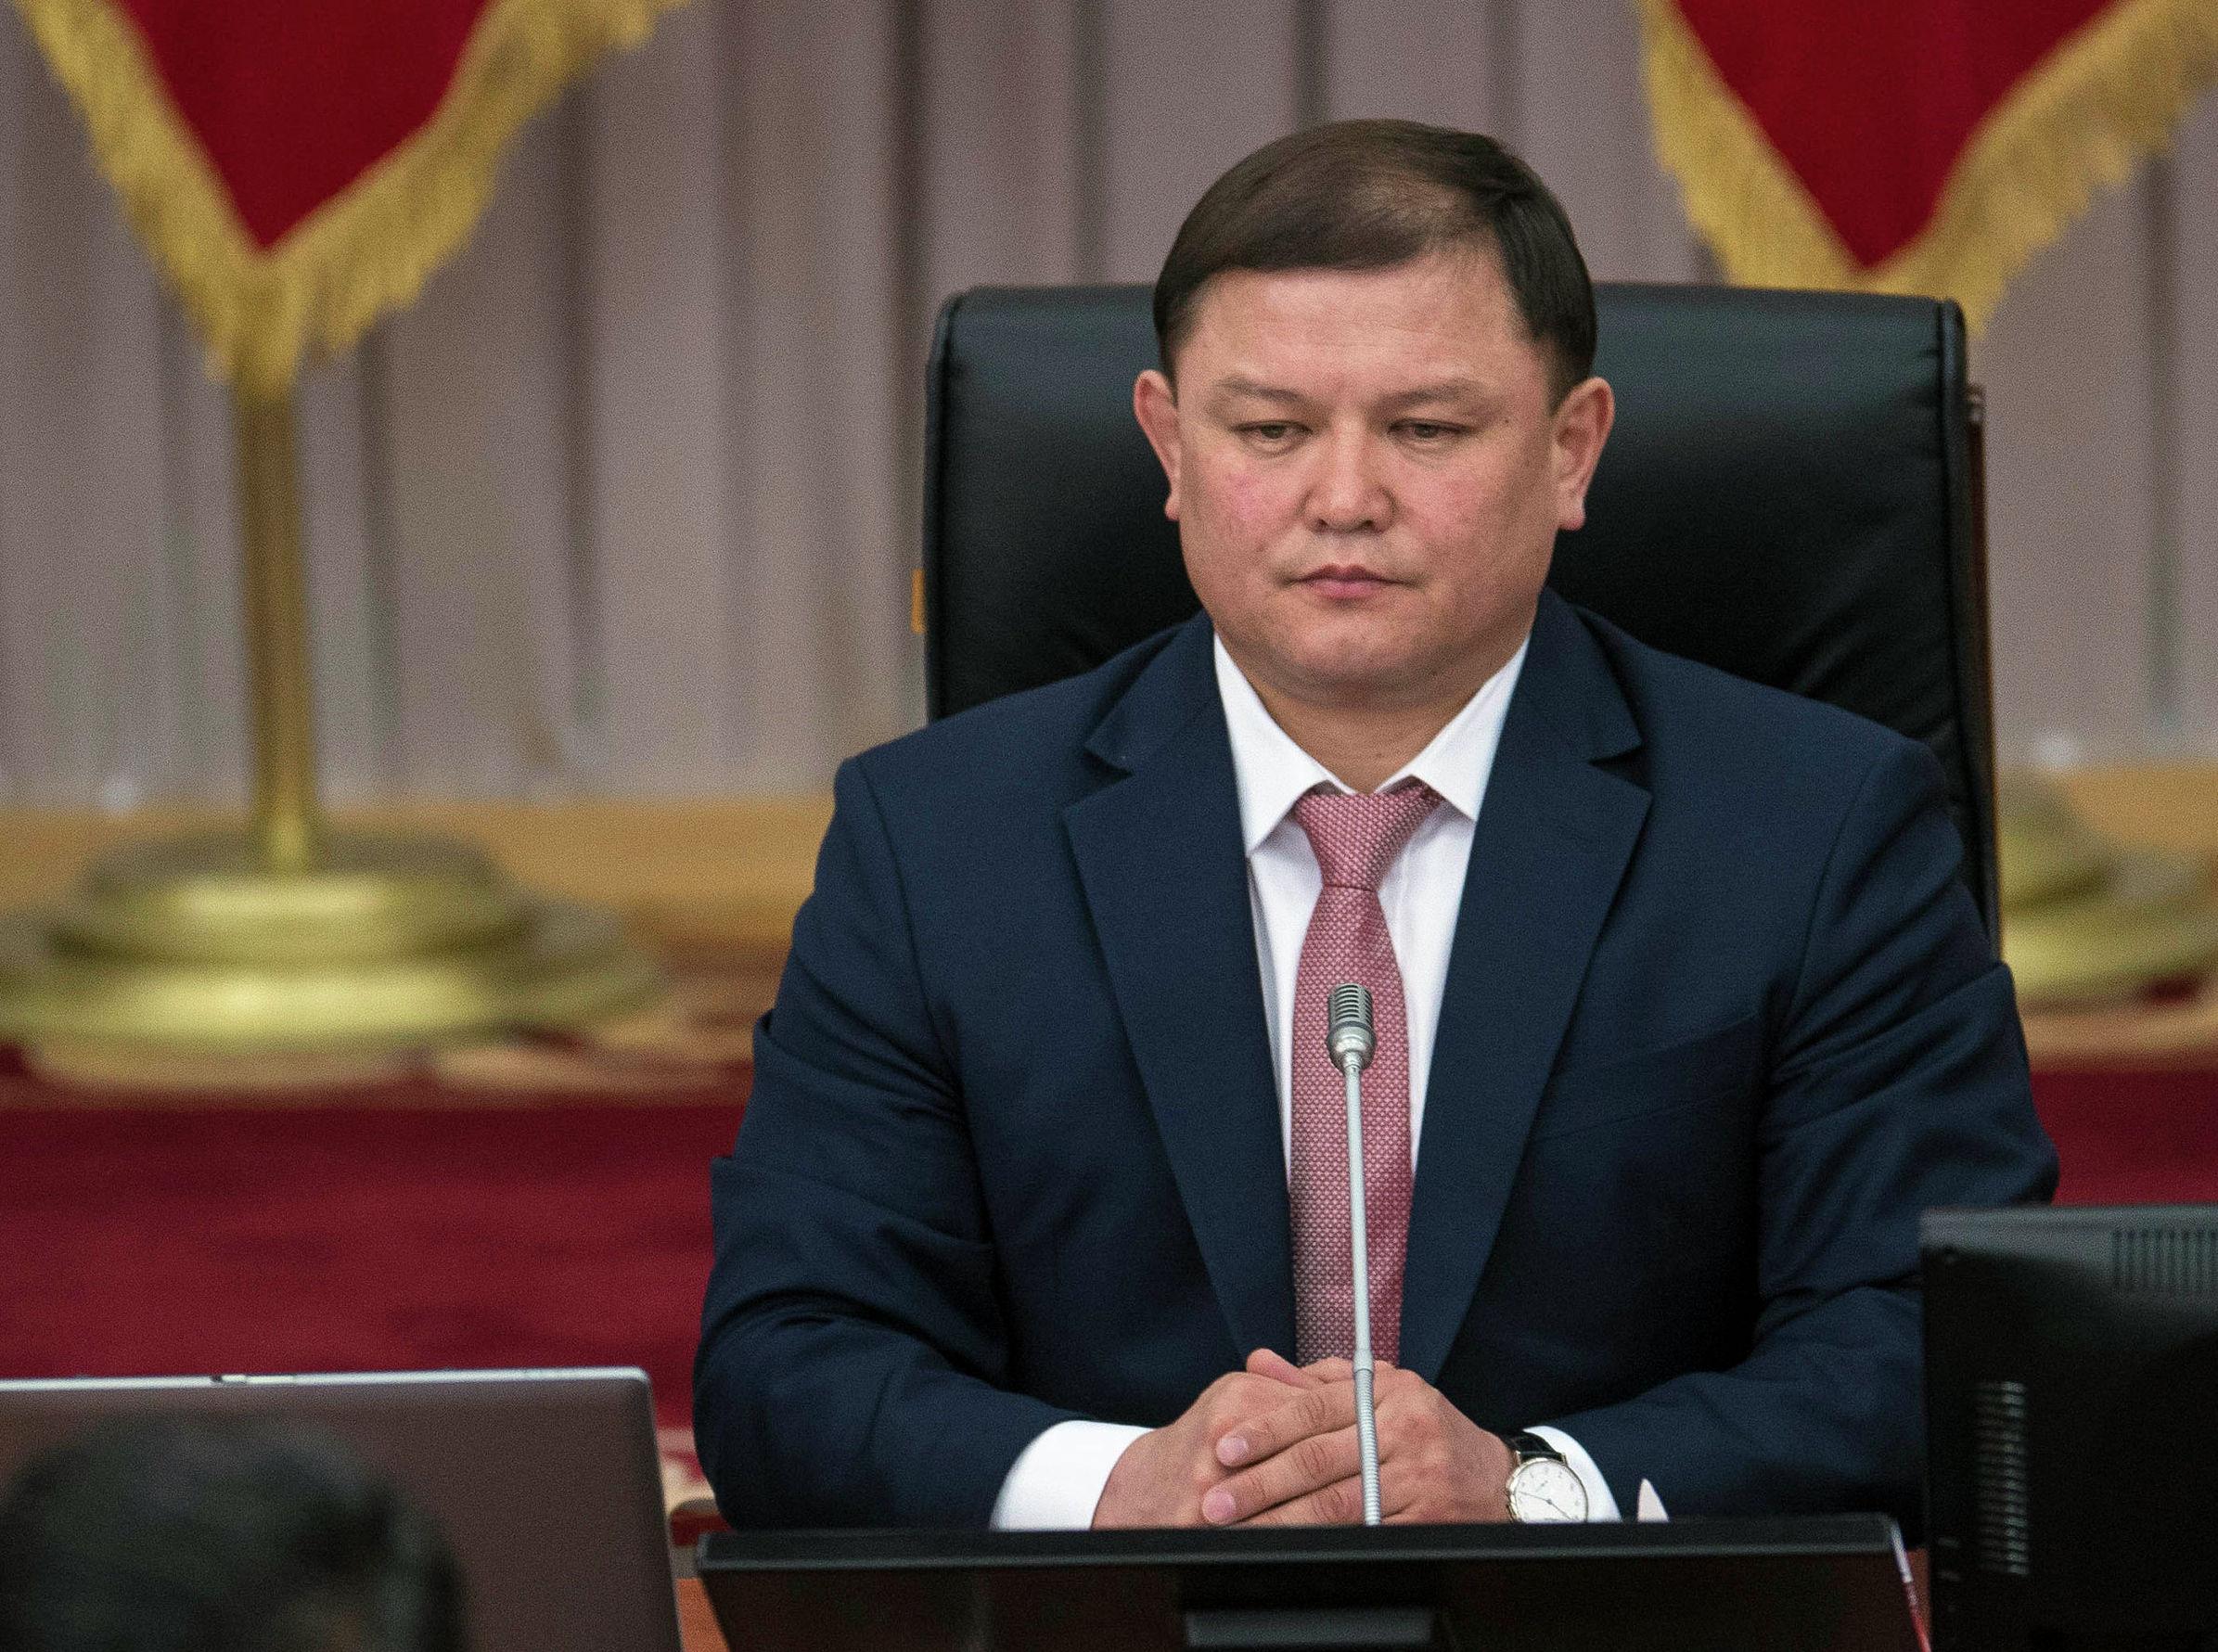 Торага Жогорку Кенеша Дастанбек Джумабеков слушает выступление президента на заседании жК